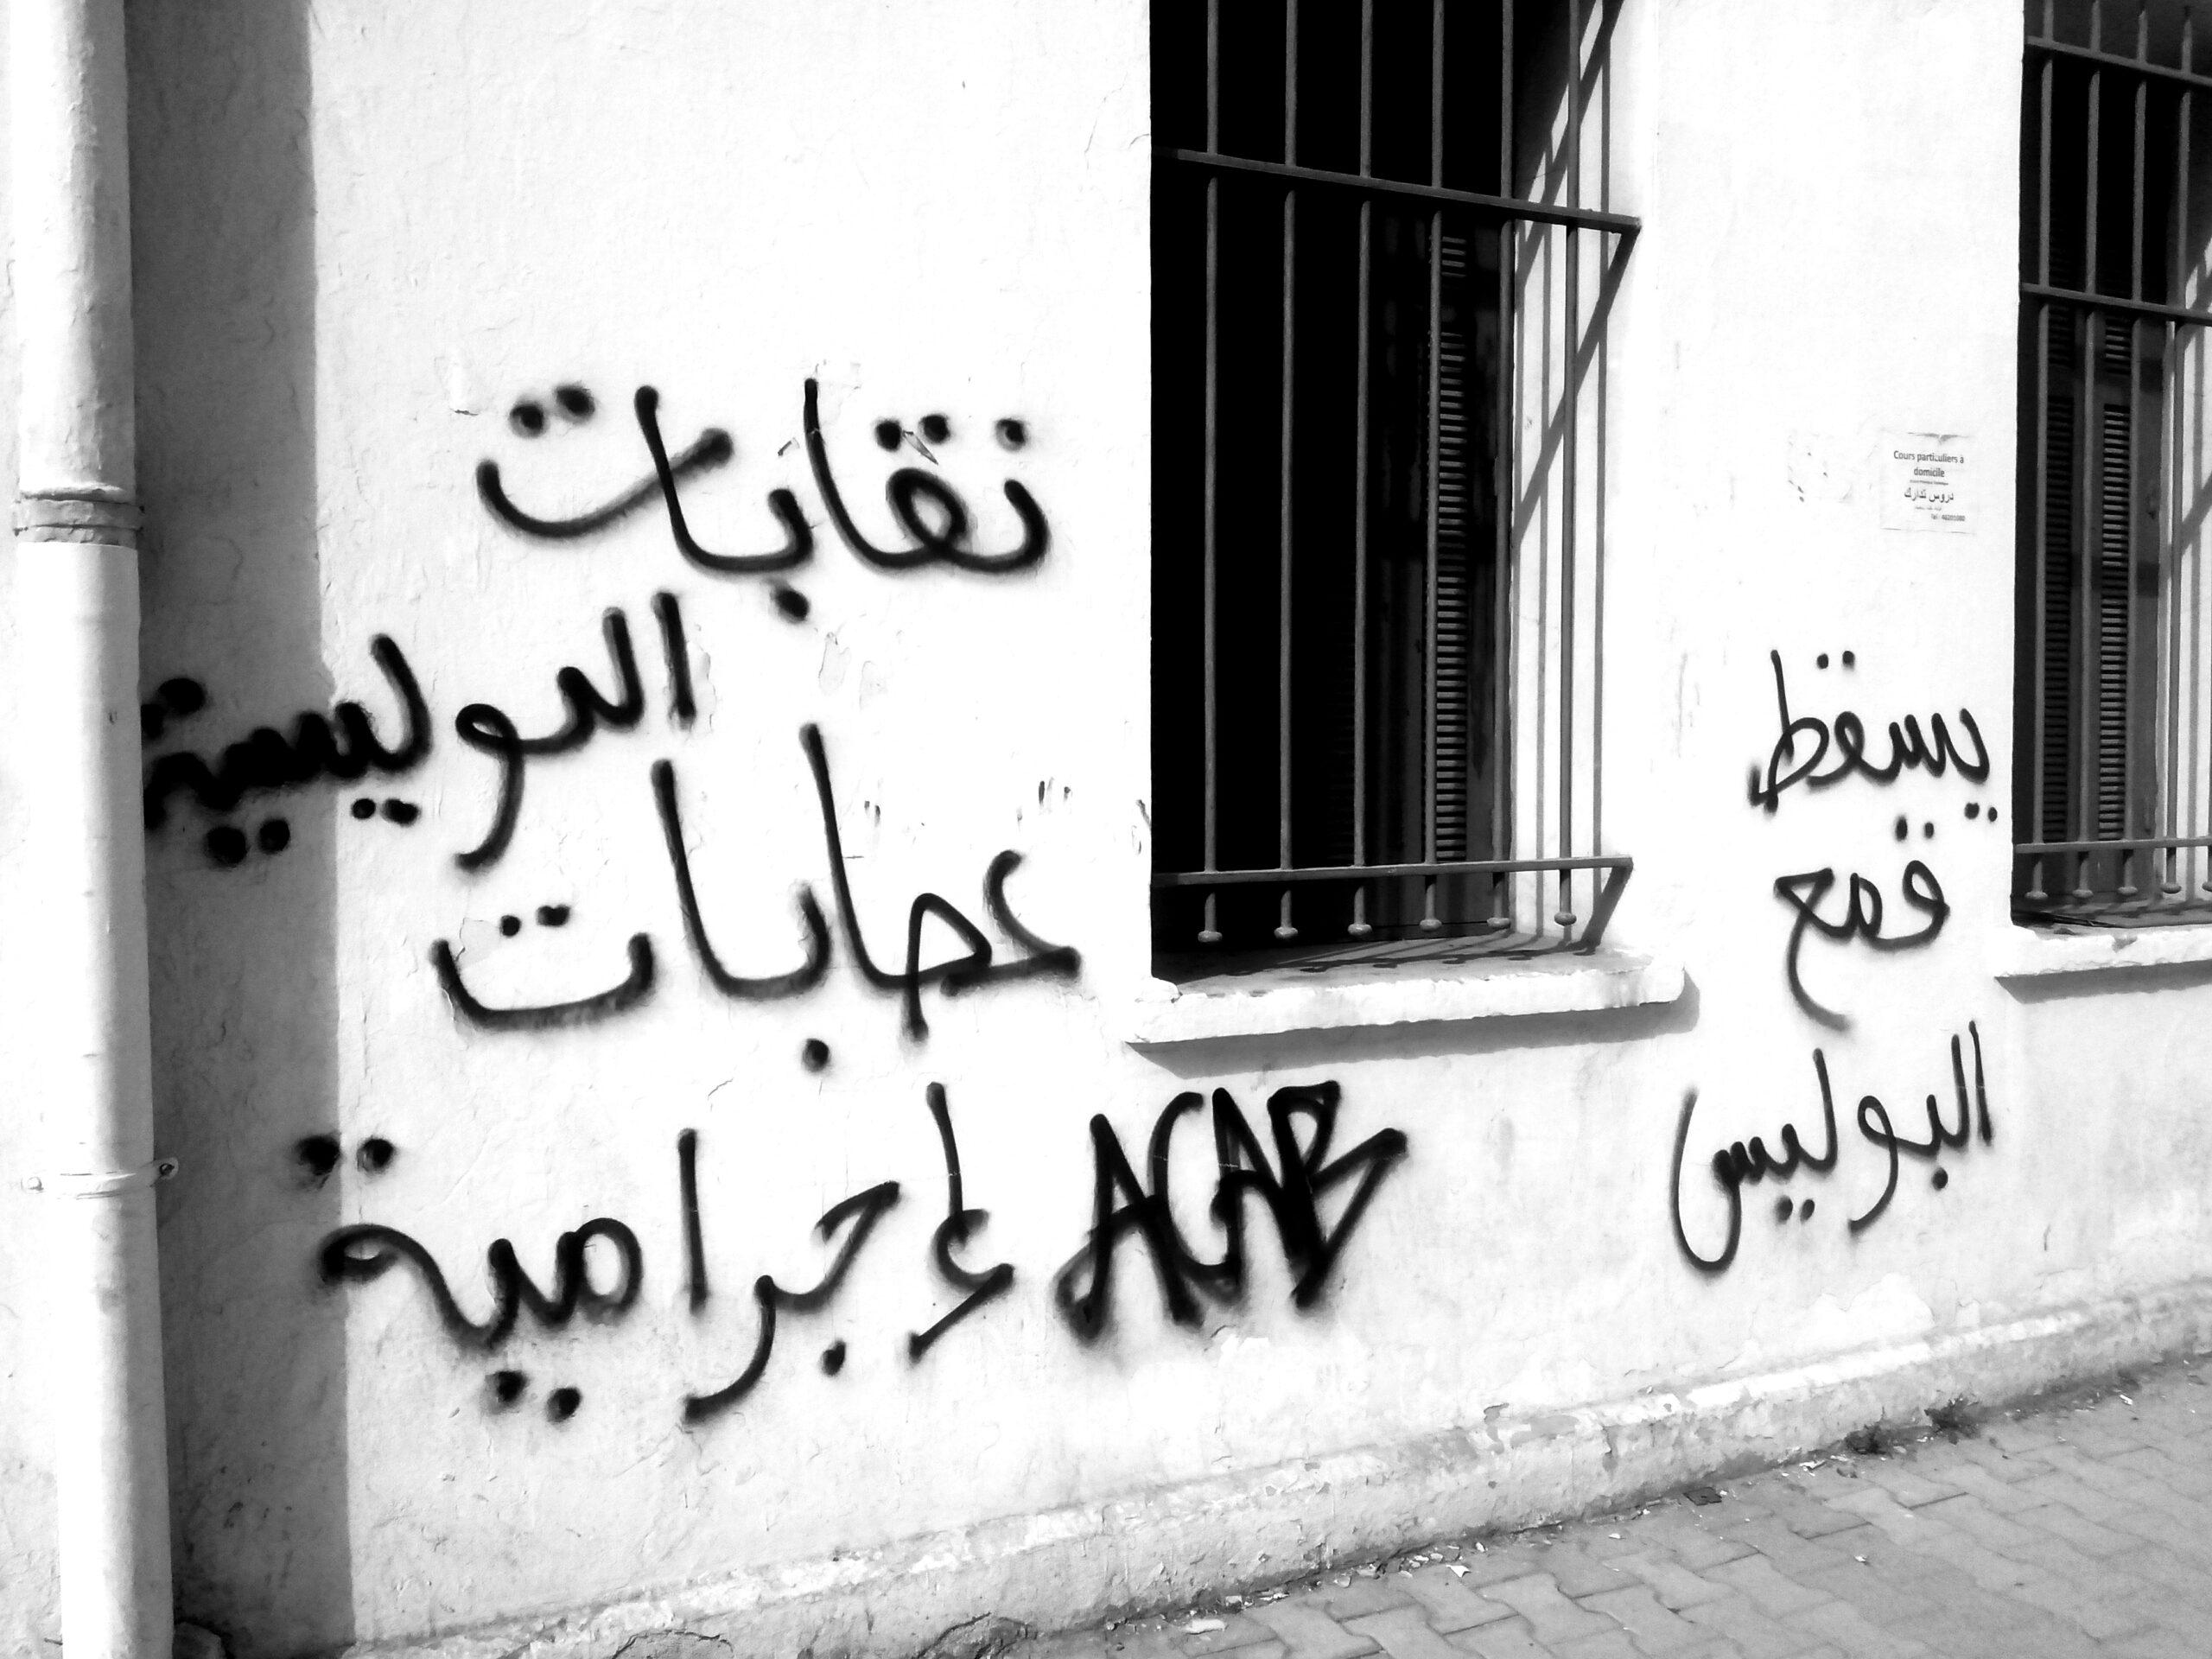 """تونس: من """"الدولة البوليسيّة"""" إلى """"دولة النقابات البوليسيّة""""؟"""